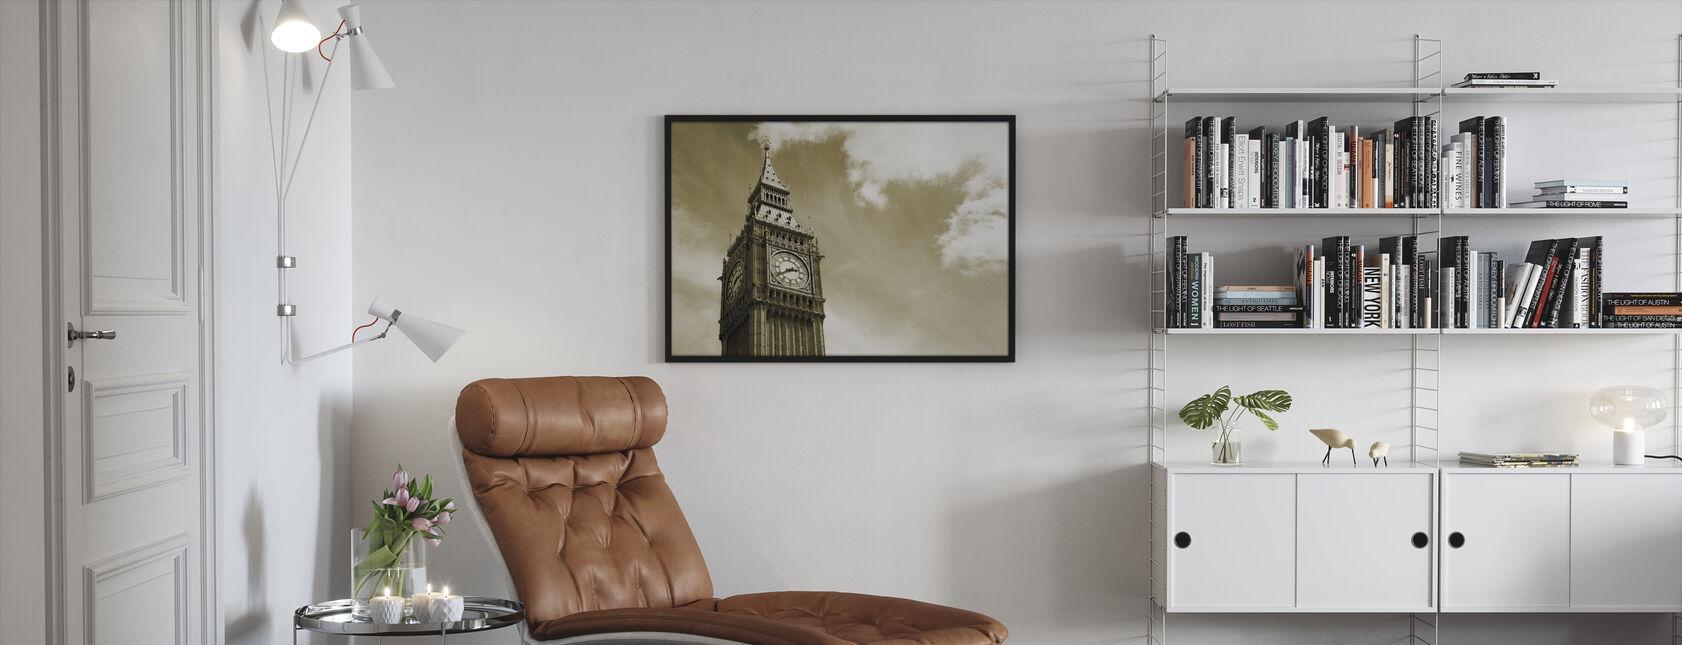 Big Ben, London, UK - Framed print - Living Room